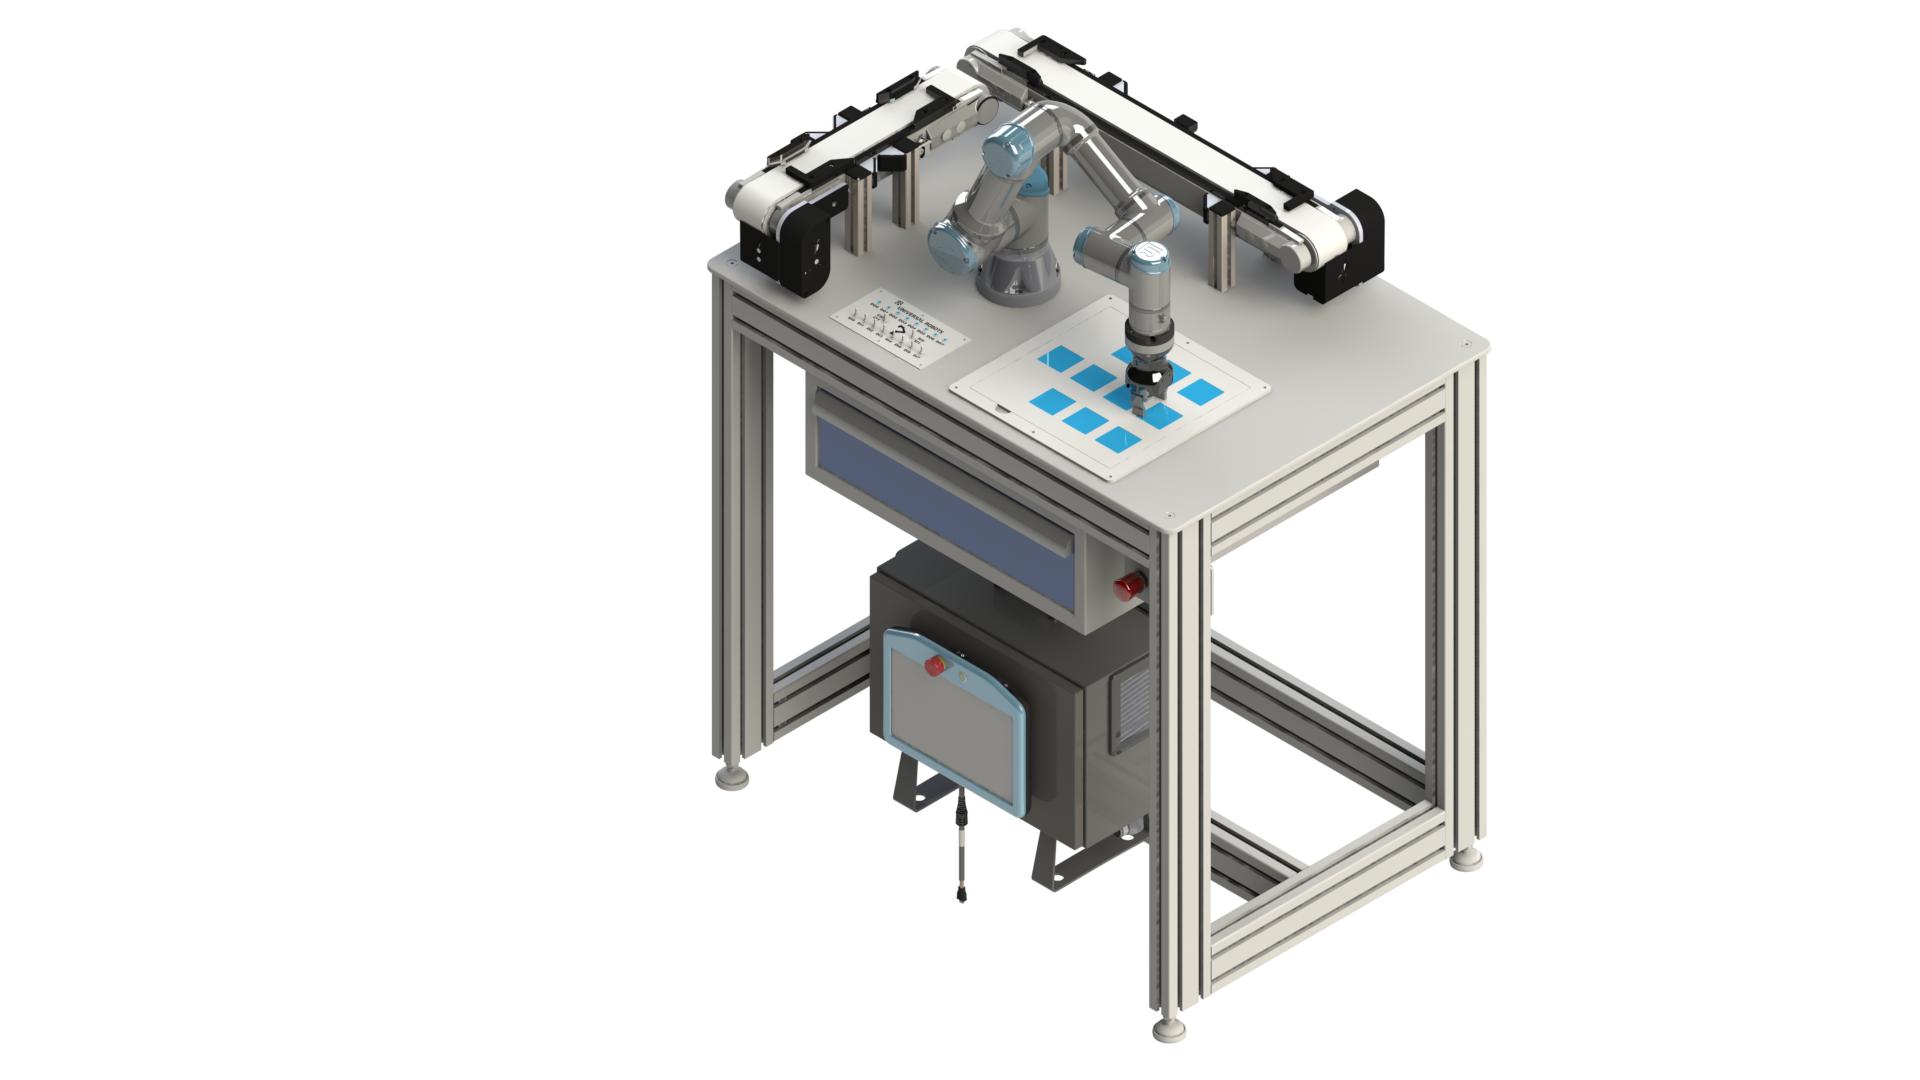 Robotiklernstationen für Schulen und Ausbildungsbetriebe